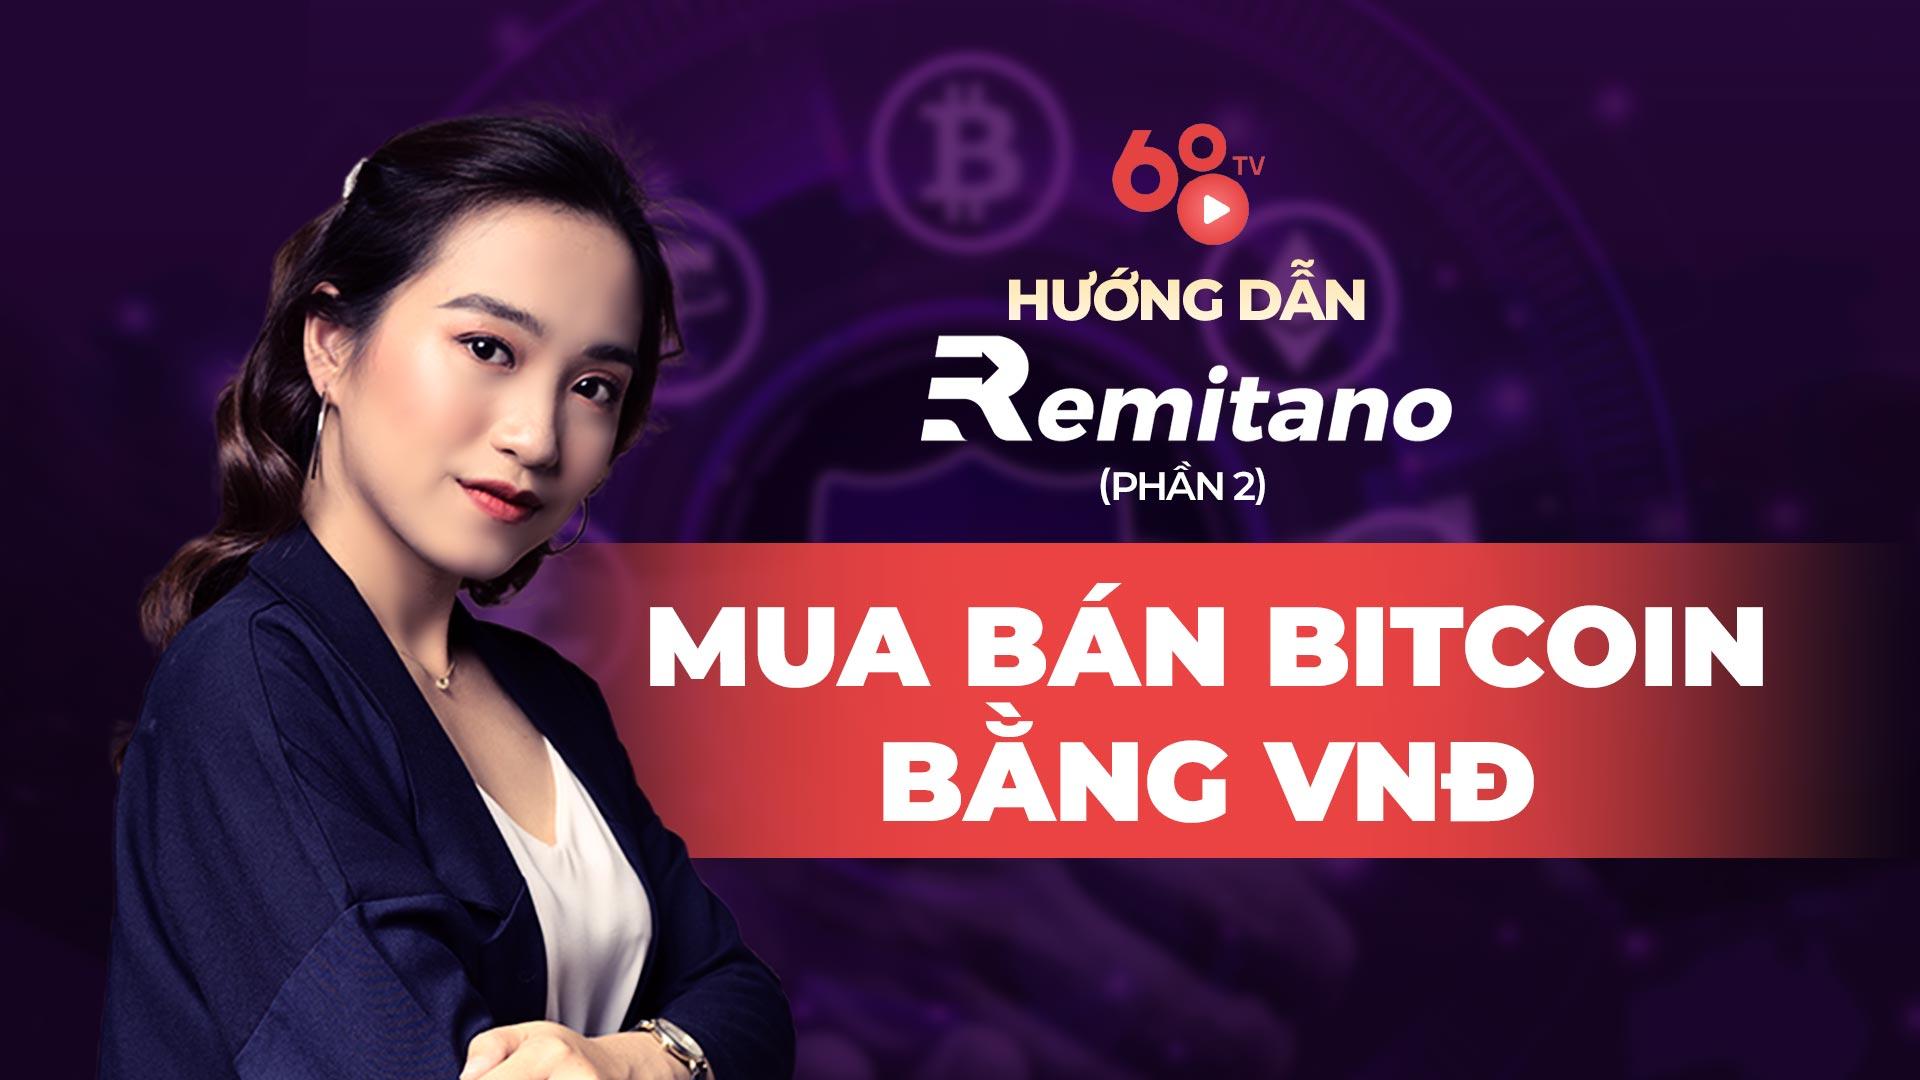 Hướng dẫn Remitano – Cách mua bán Bitcoin bằng VND trên sàn Remitano